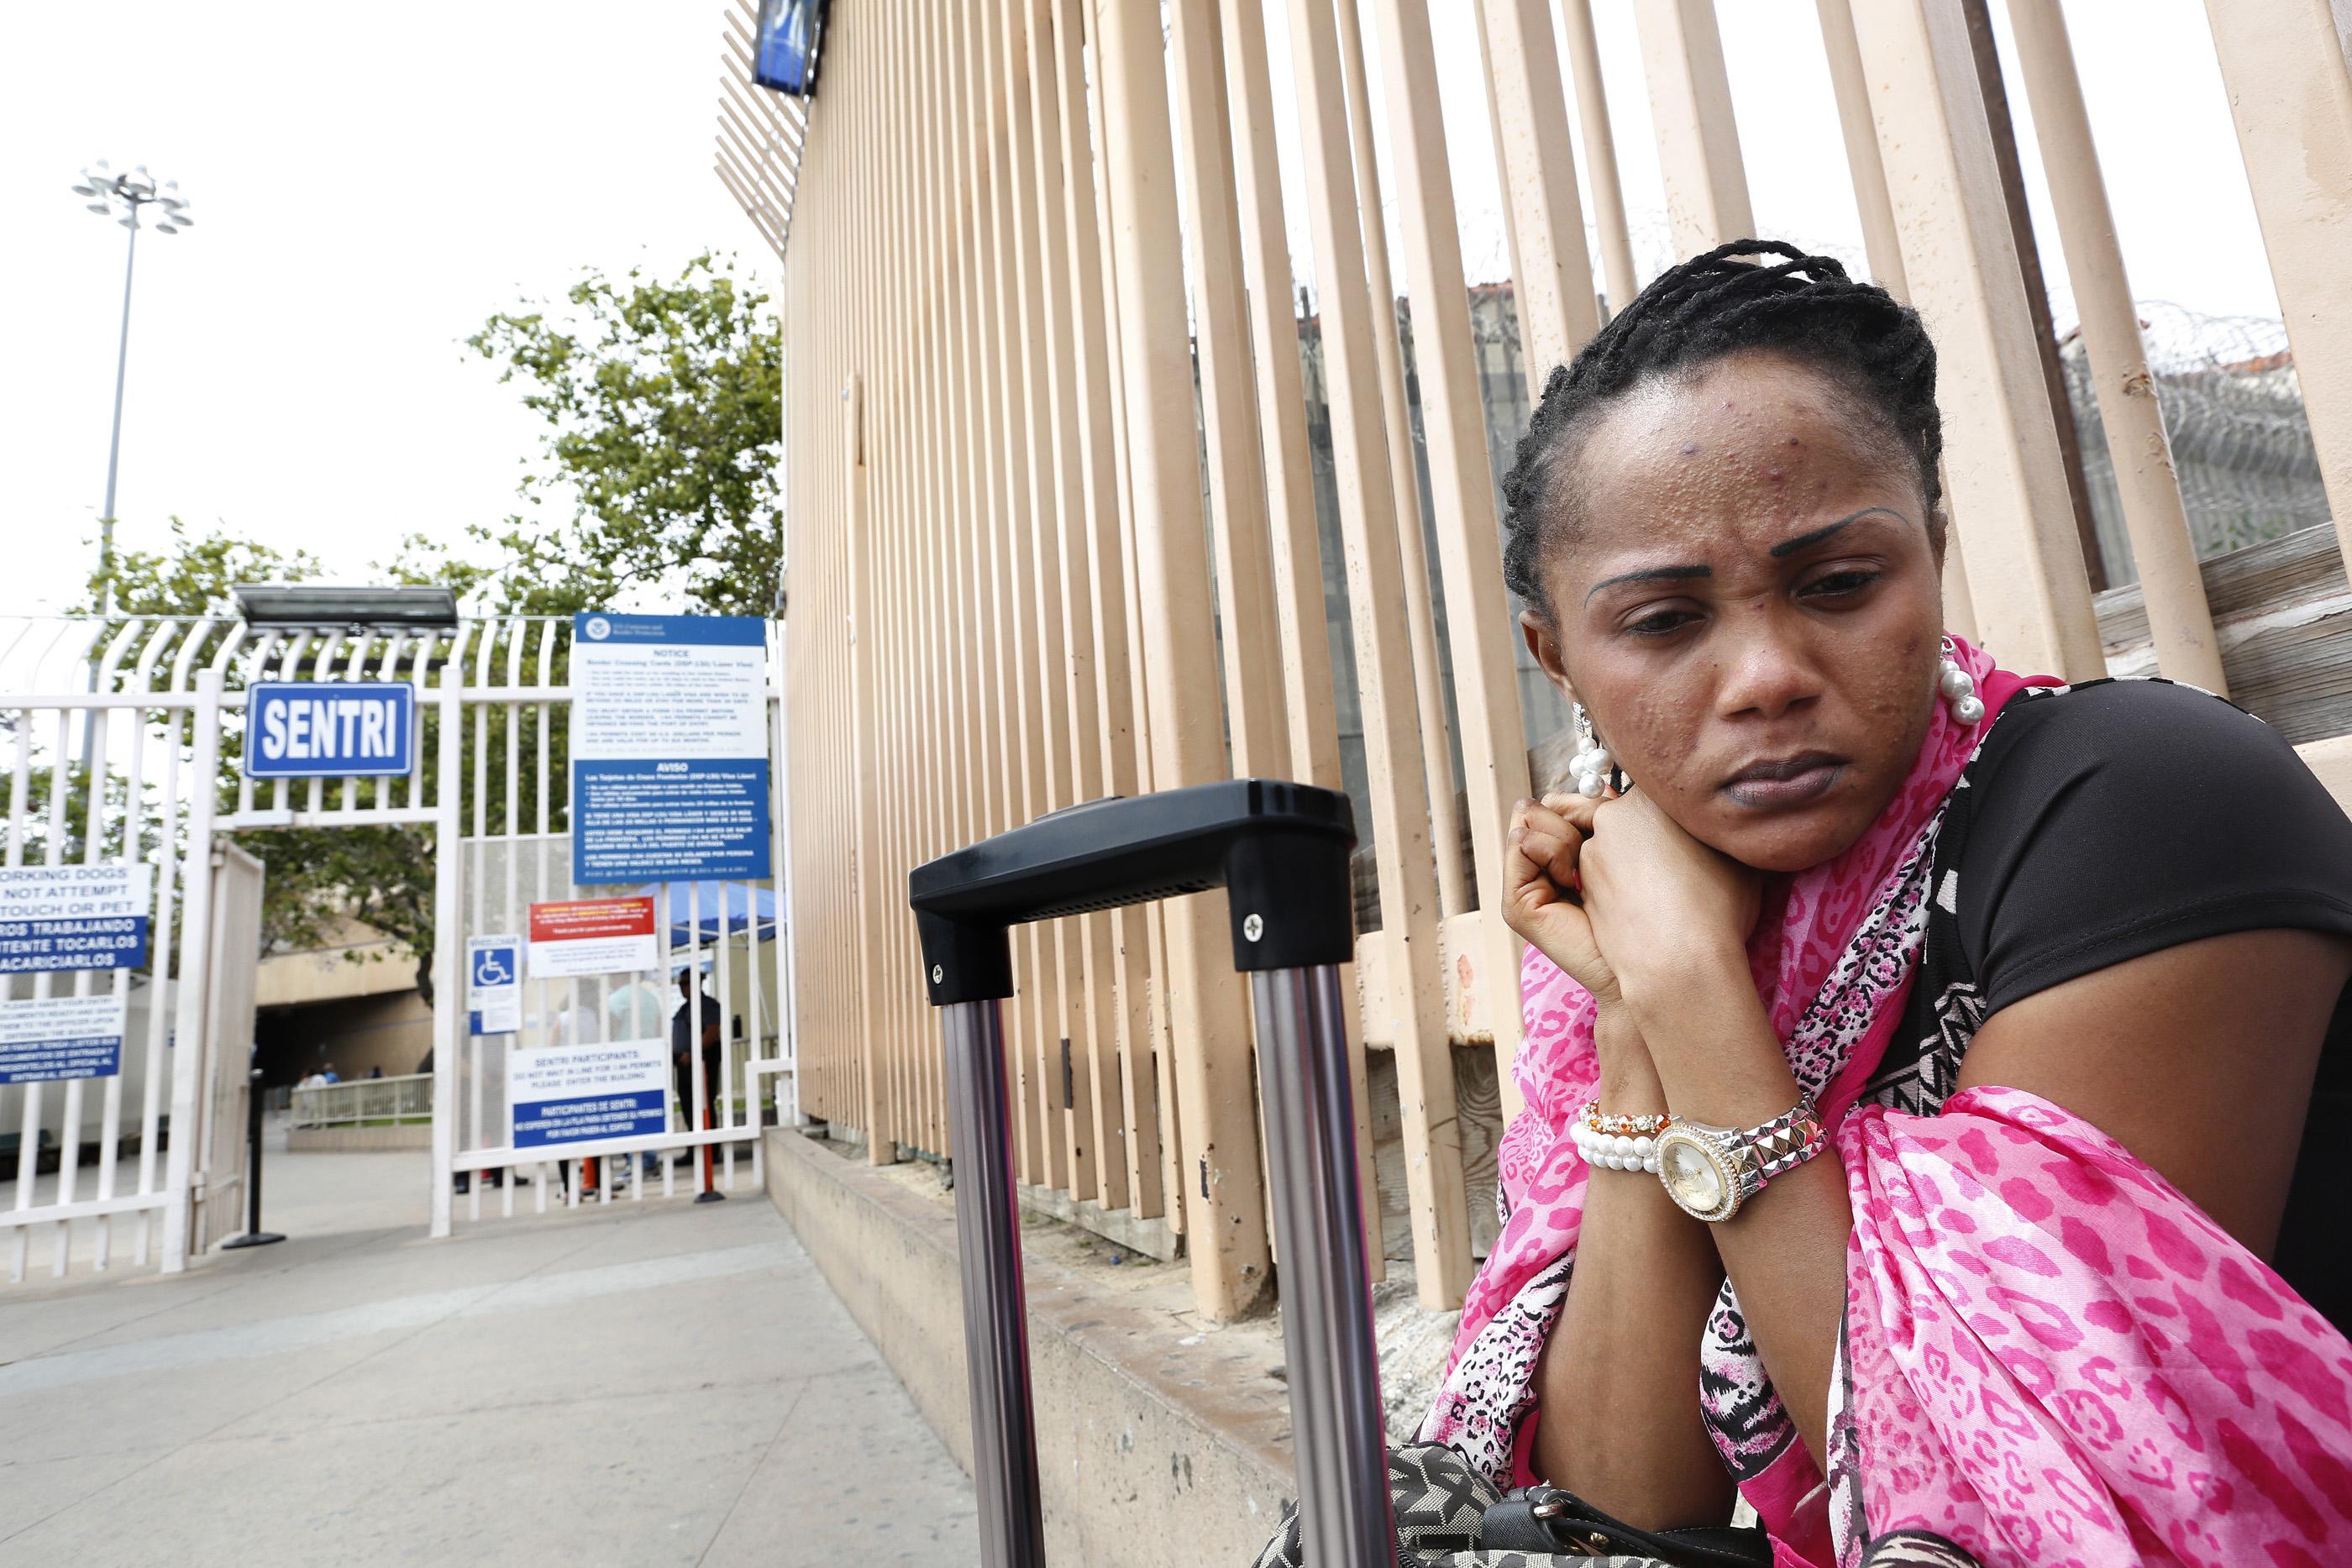 Haitianos hacen travesía por 7 países para llegar a EU